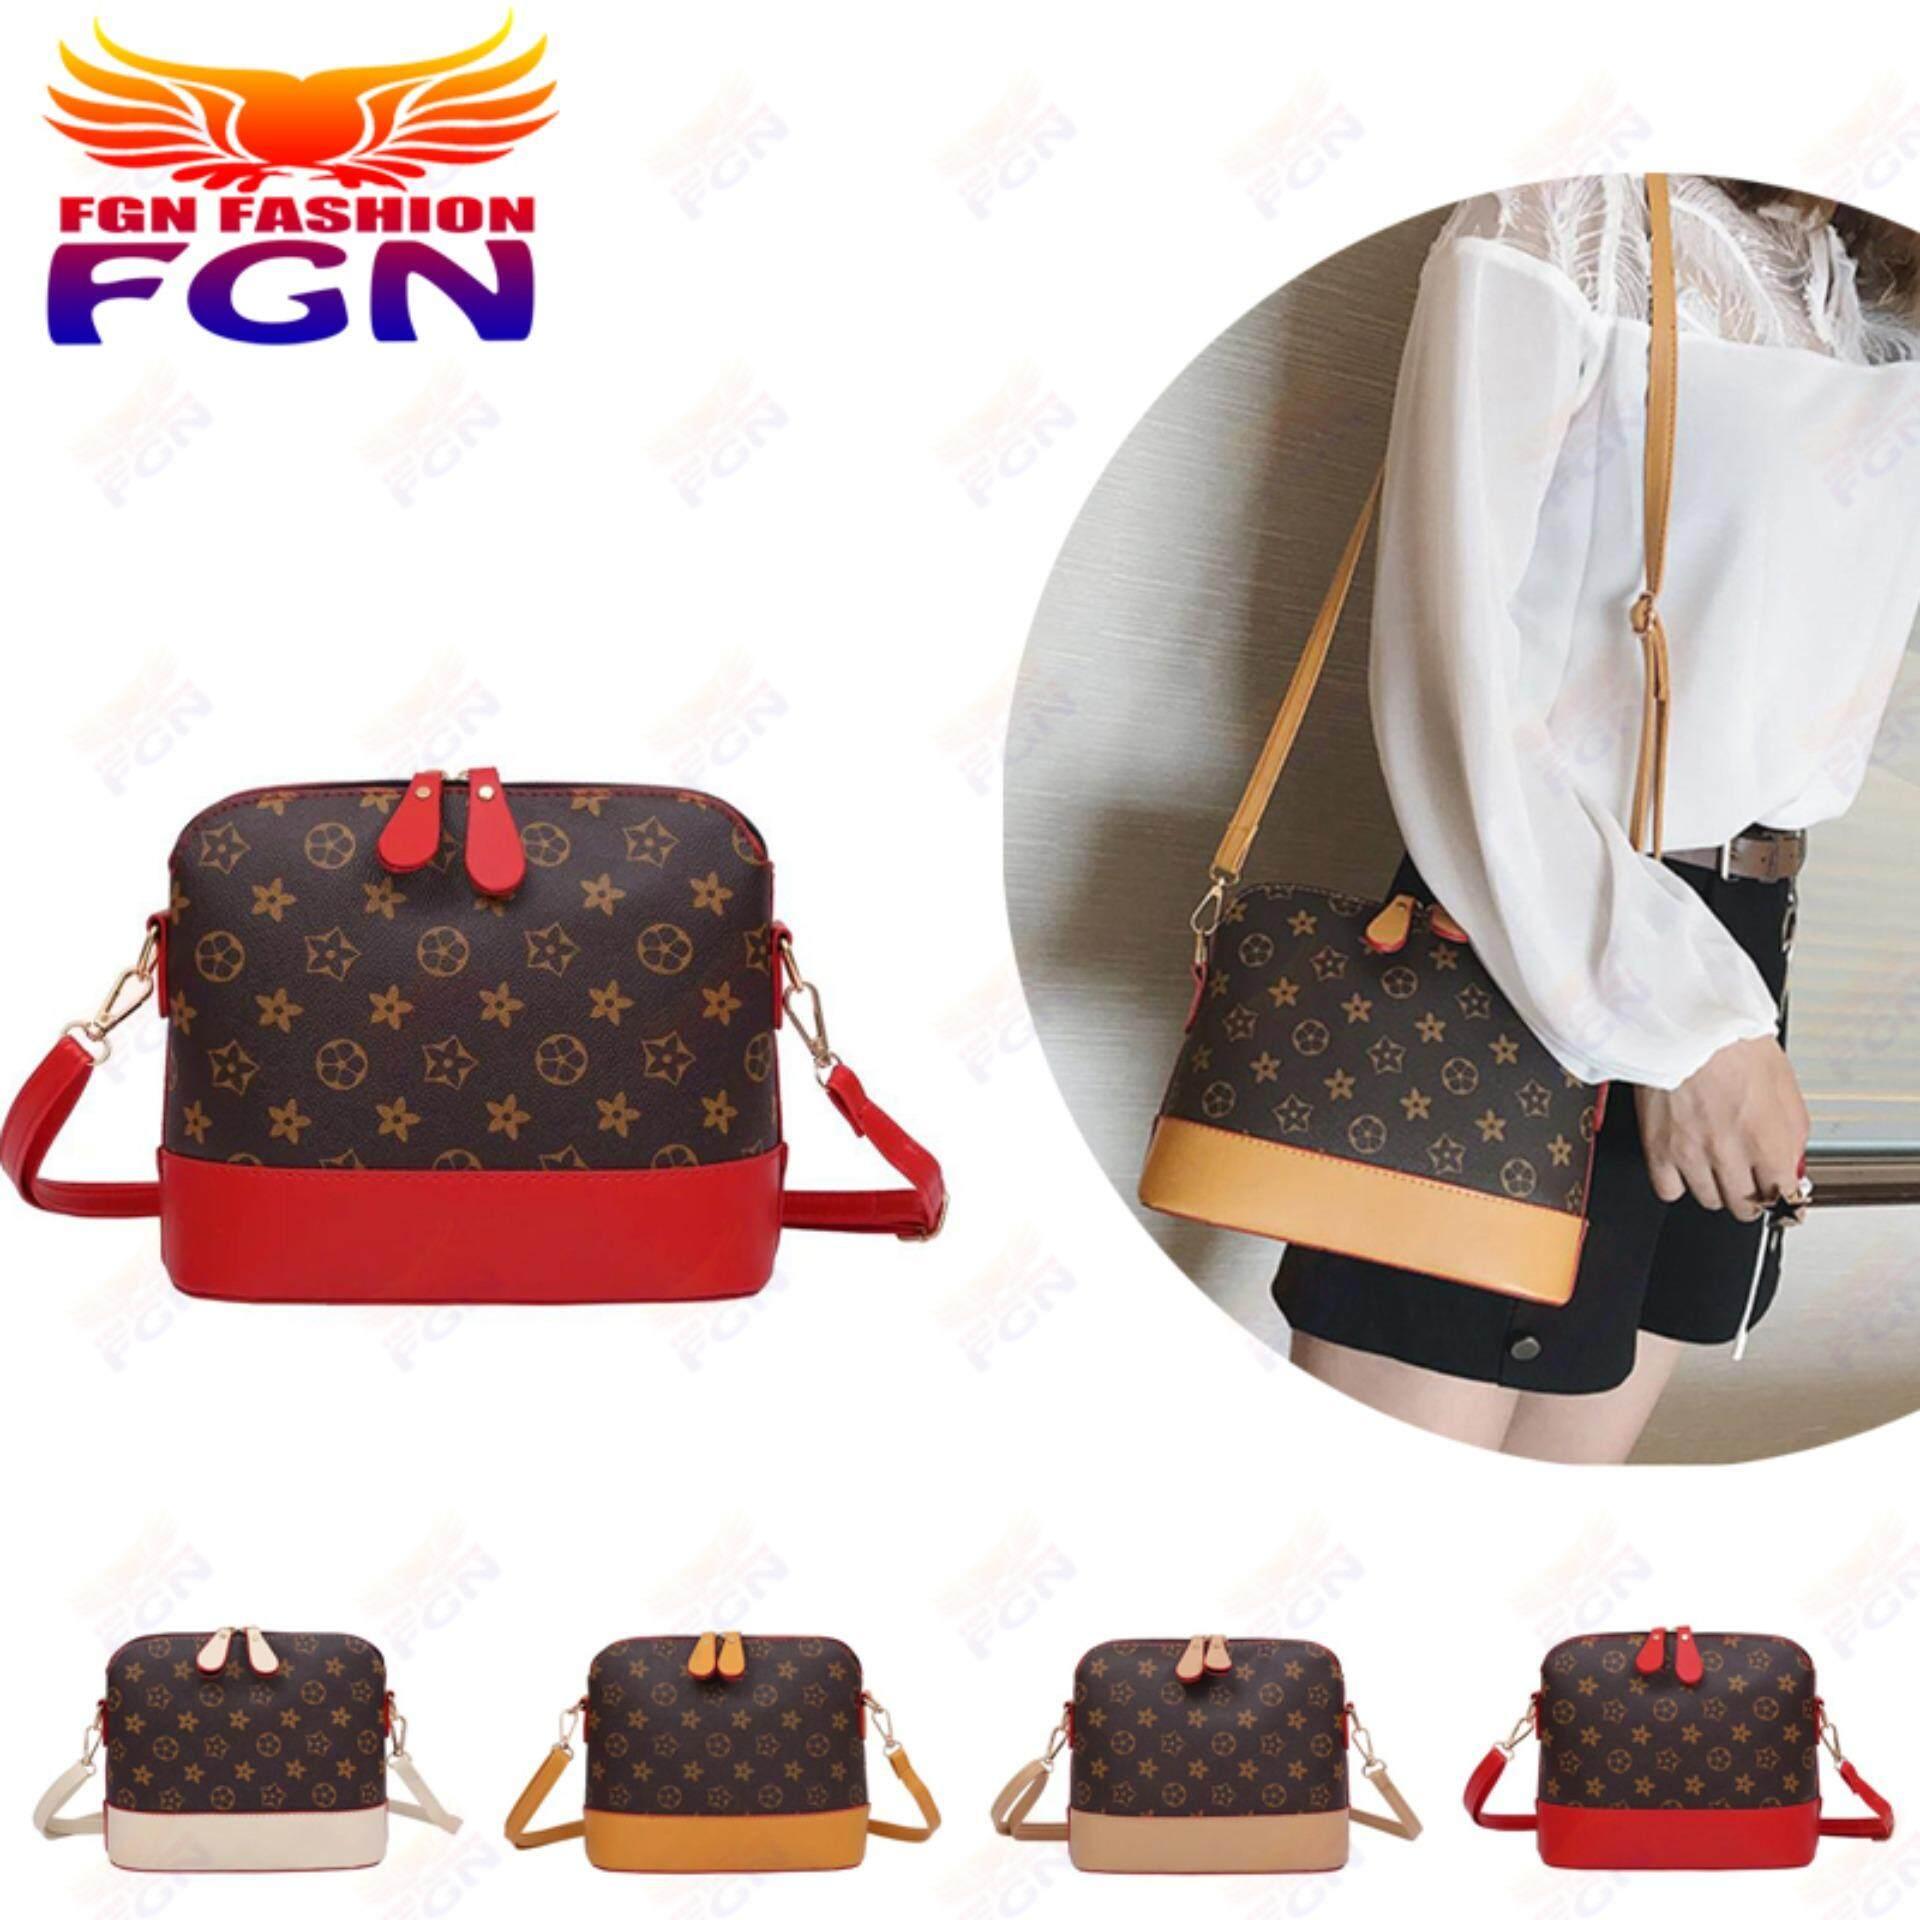 กระเป๋าเป้ นักเรียน ผู้หญิง วัยรุ่น สิงห์บุรี FGN แบบวัยรุ่น รุ่นใหม่ ลายดอก กระเป๋าเป้ Fashion Bag กระเป๋าสะพายผู้หญิง FGN 080 (gules)